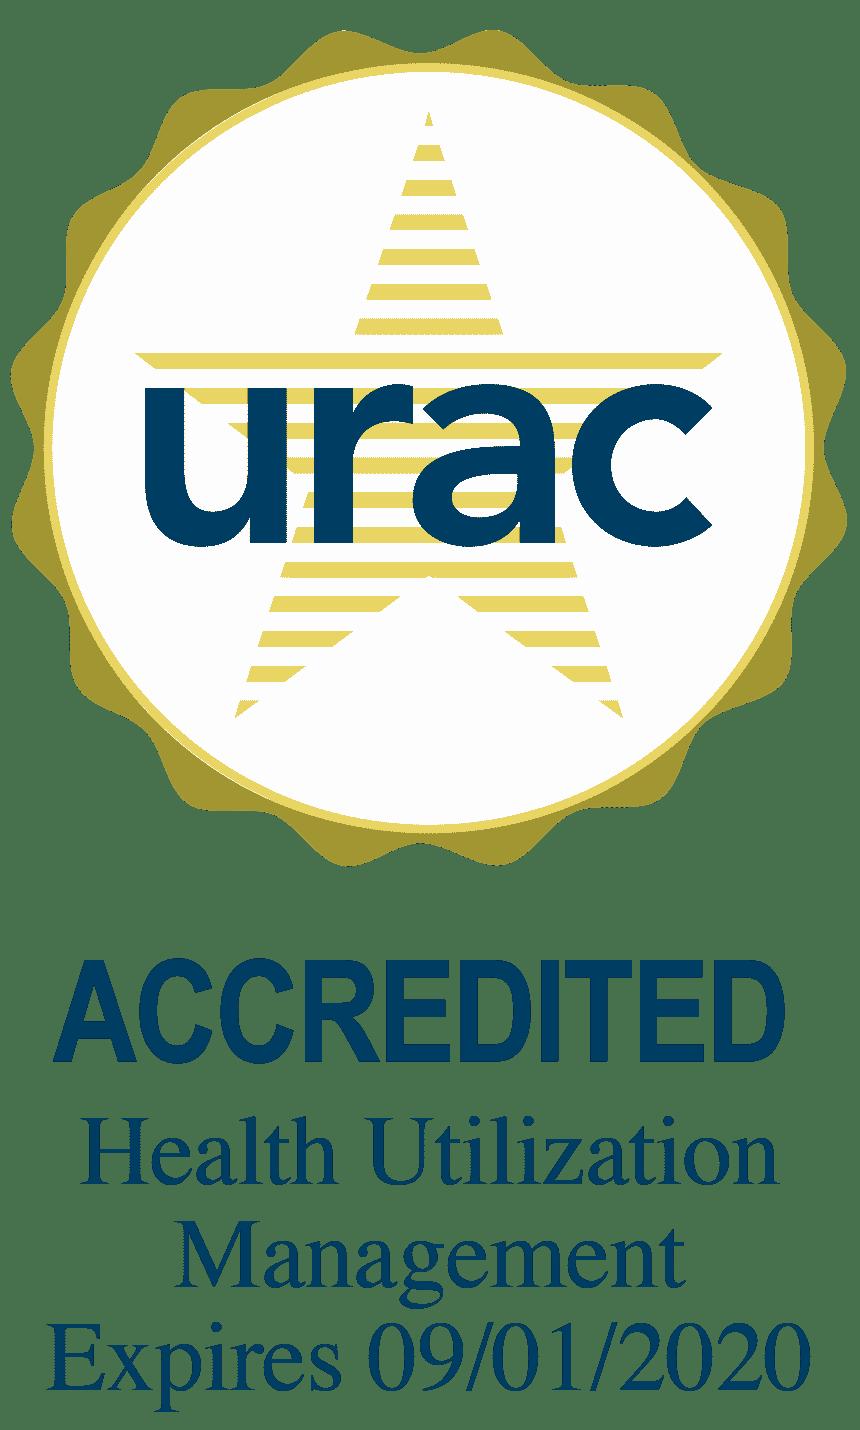 Health Utilization Management